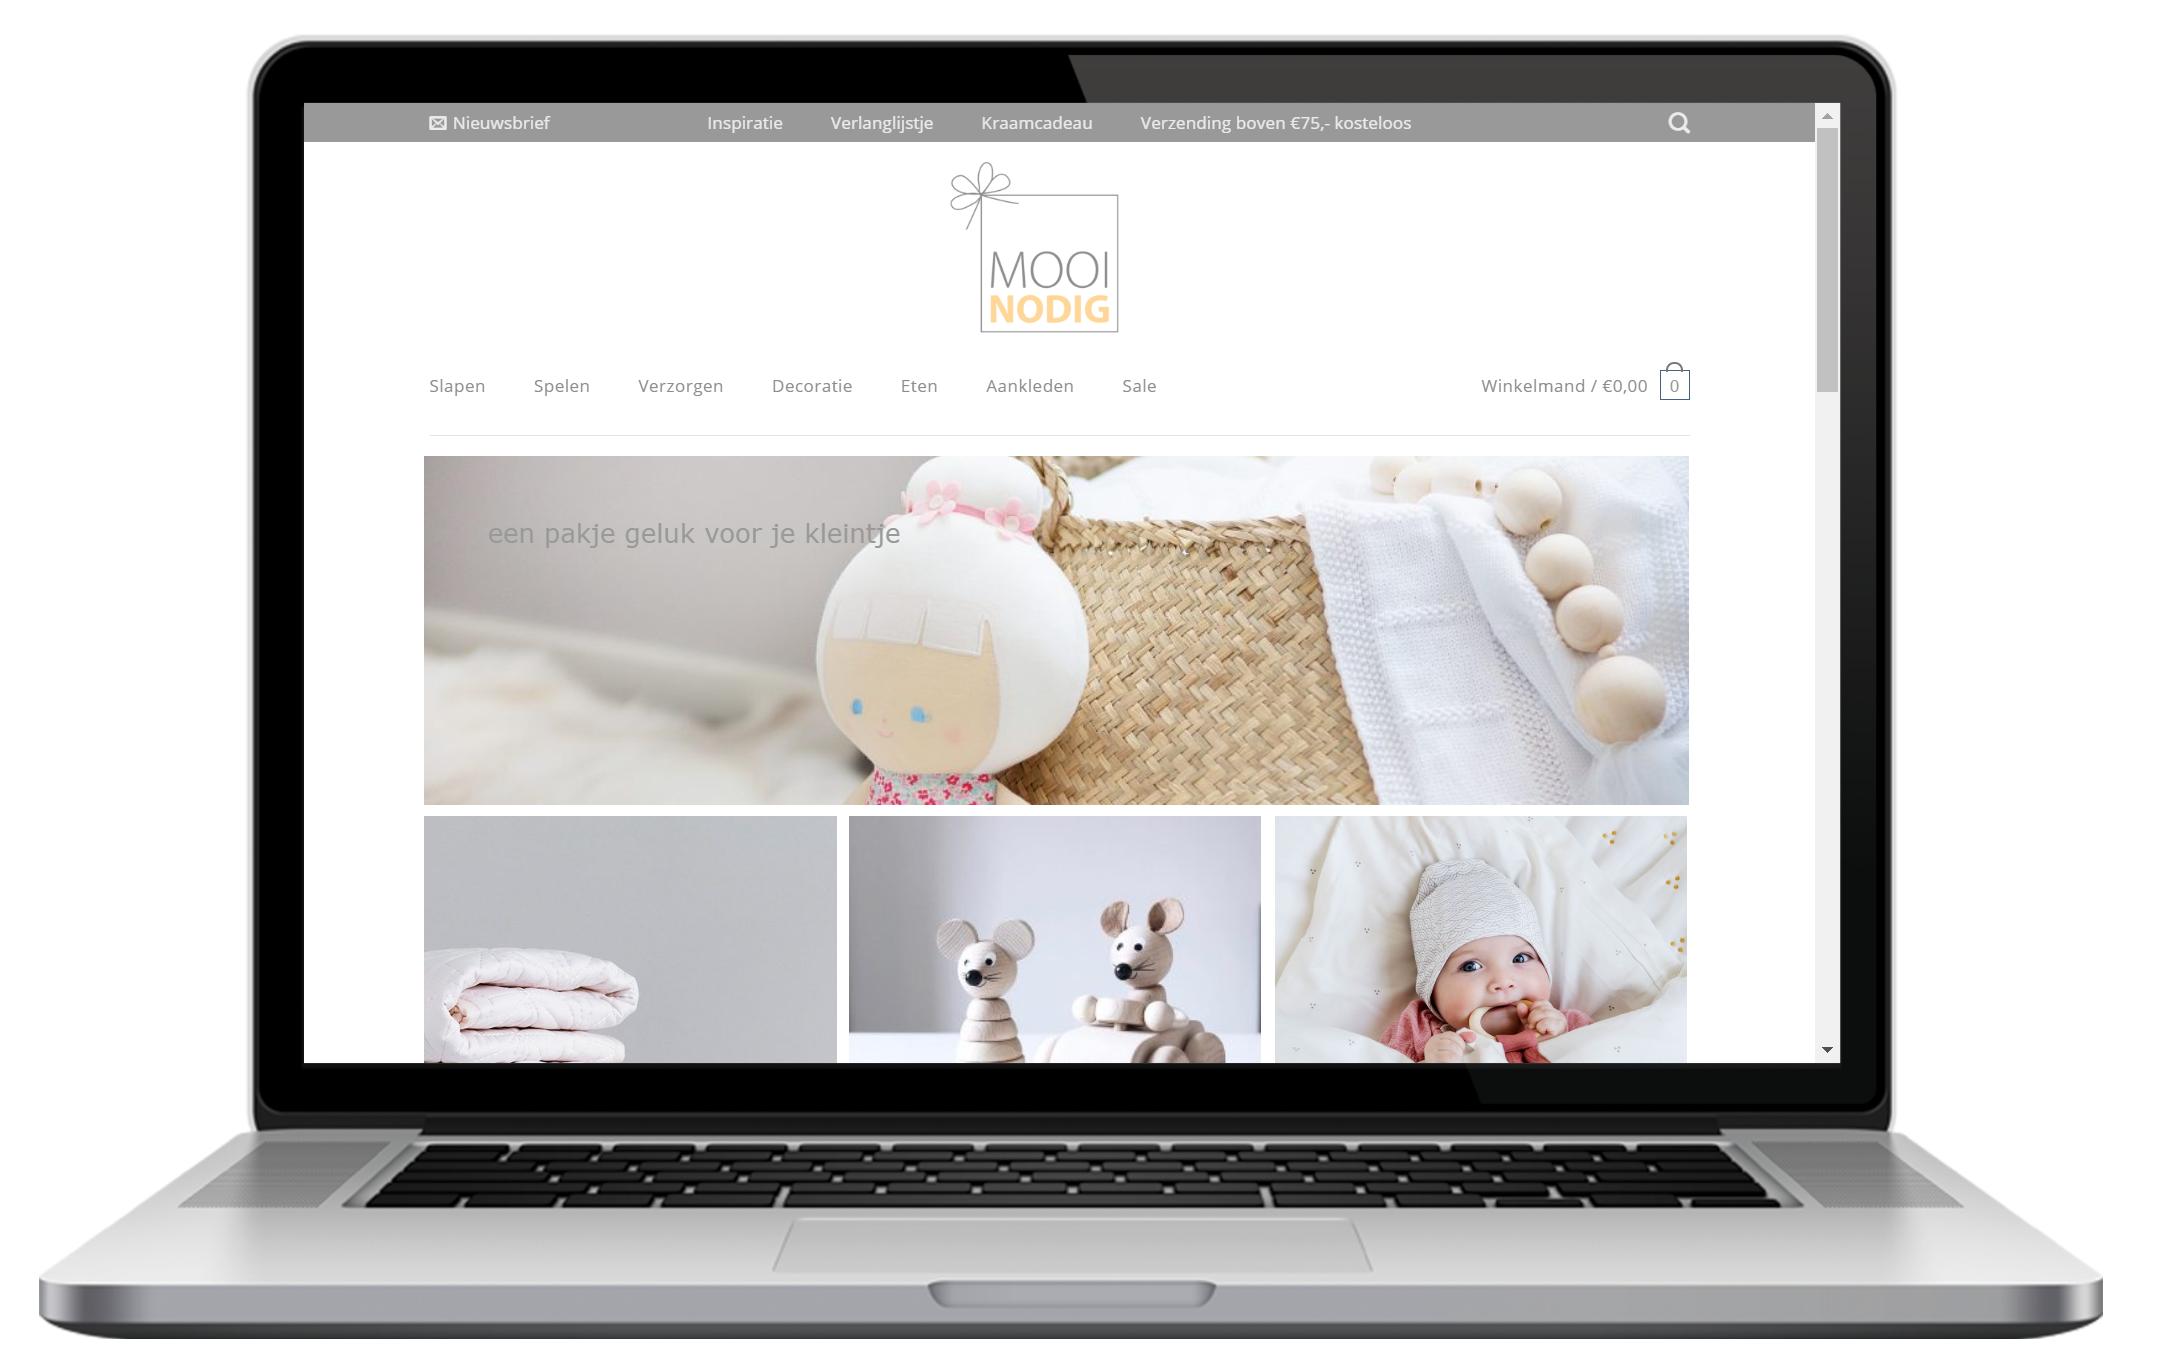 MooiNodig Macbook 1280 x 800